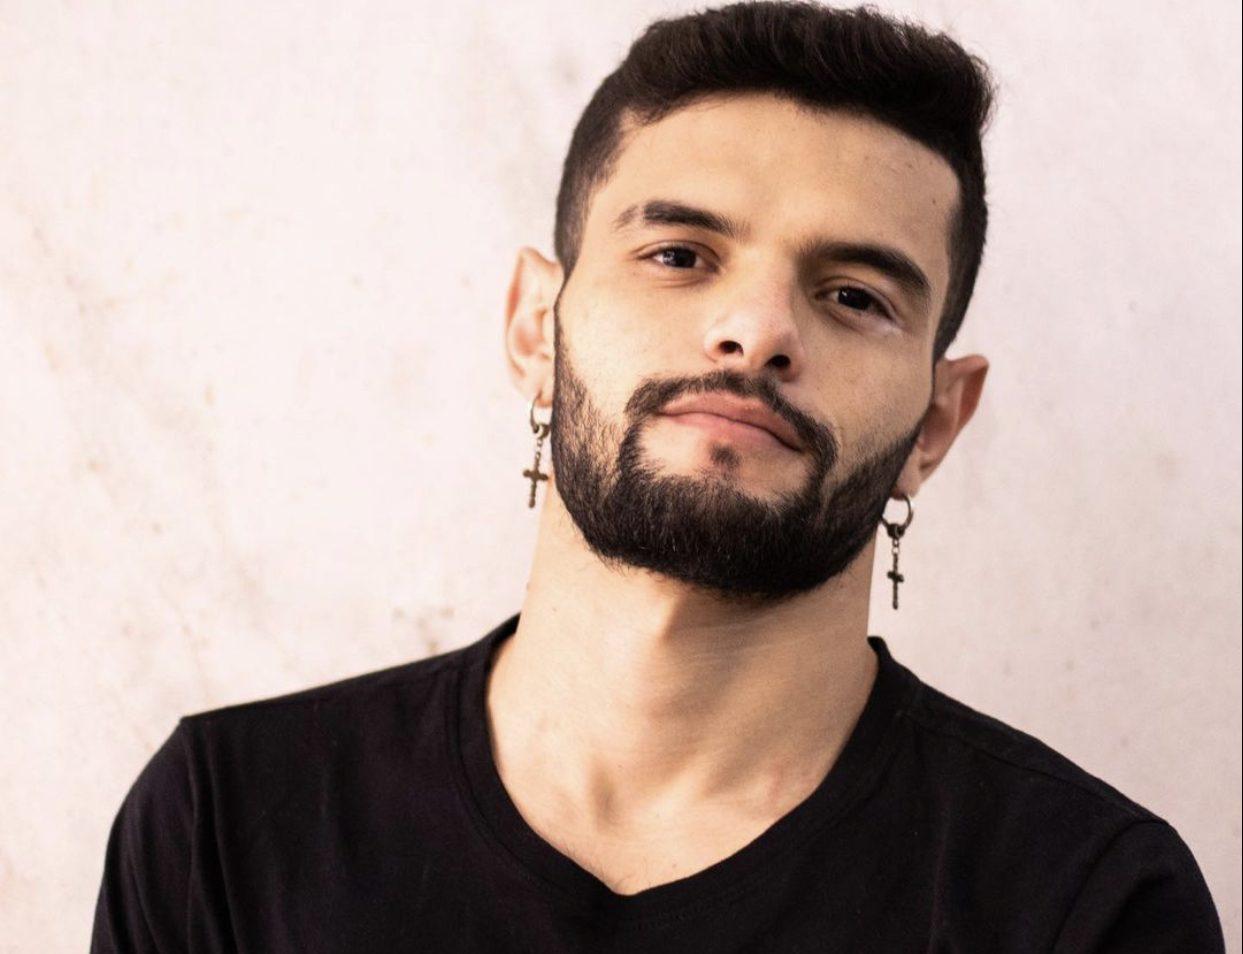 Jornada Social Media: Caio Braga discute ações de branding no Big Brother Brasil 2021